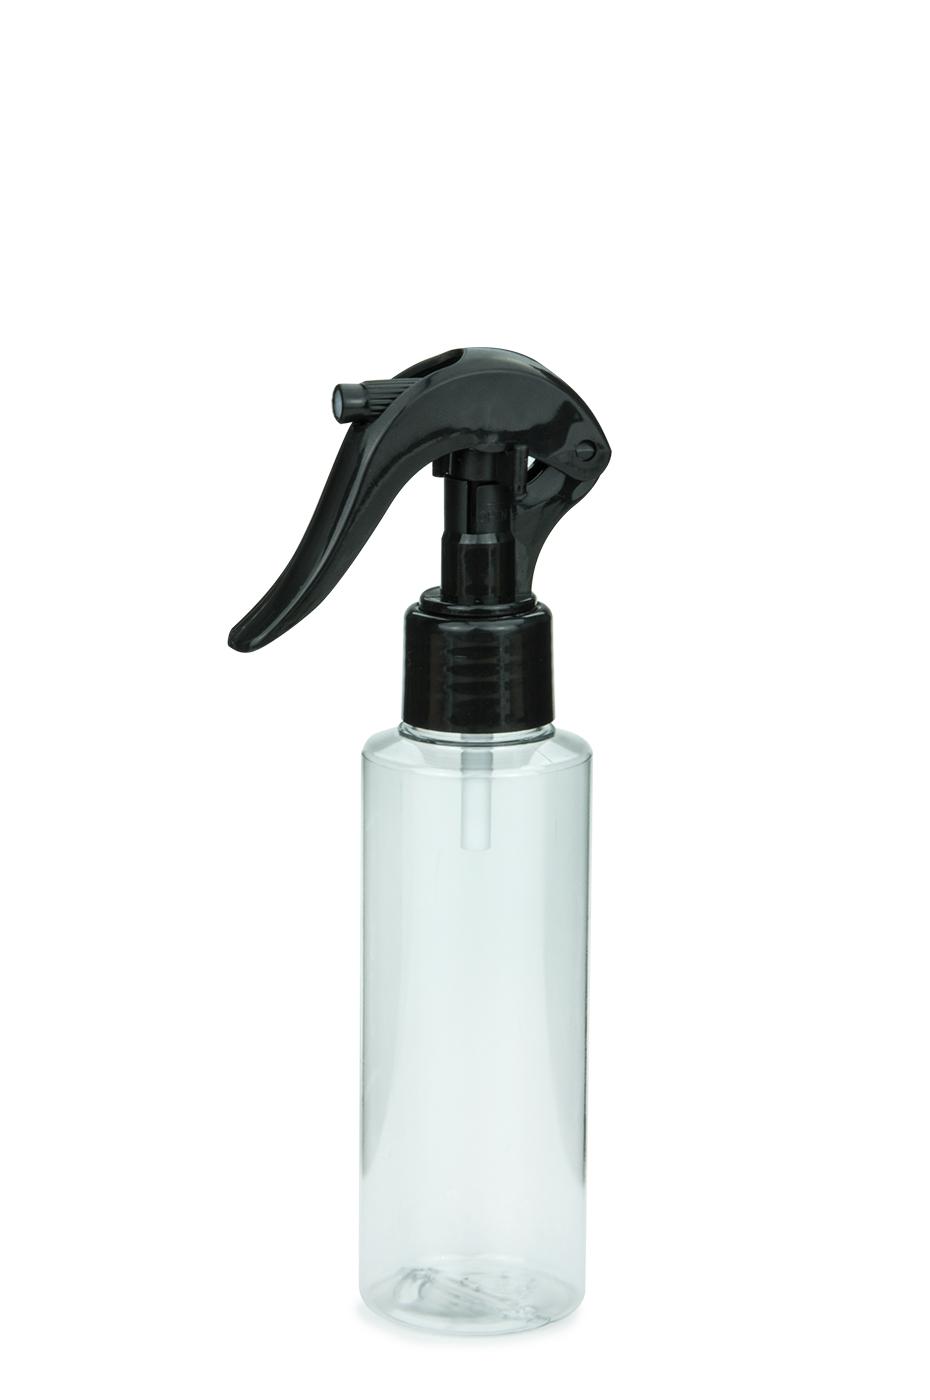 pet flasche leonora 125 ml klar mit mini trigger spr hzerst uber 24 410 schwarz. Black Bedroom Furniture Sets. Home Design Ideas